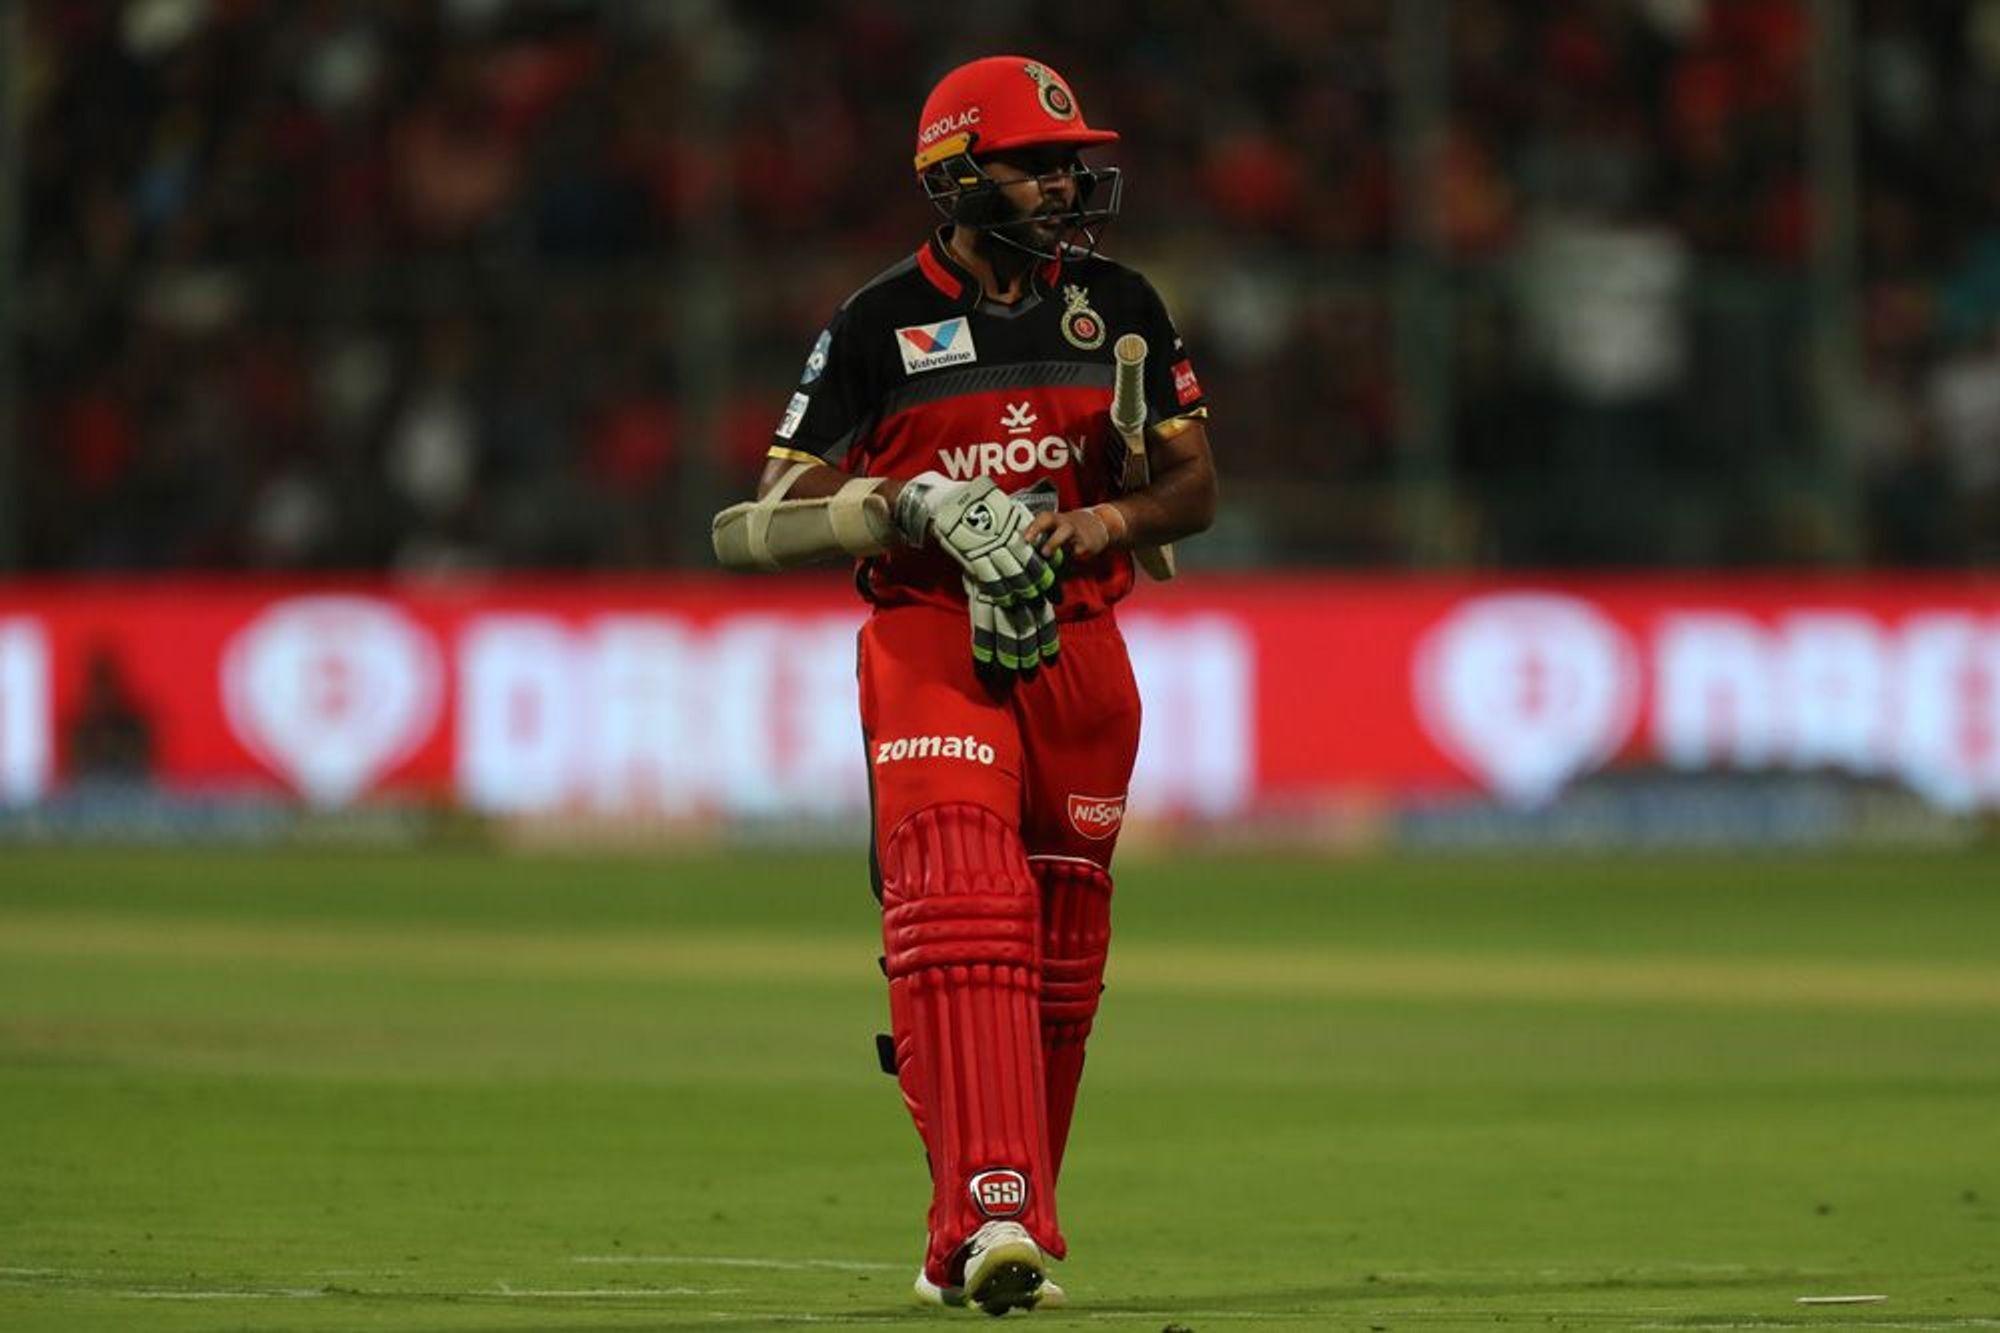 पार्थिव पटेल ने दिखाया टीम के लिए समर्पण, पिता की बीमारी के बाद भी खेल रहे हैं आईपीएल 10